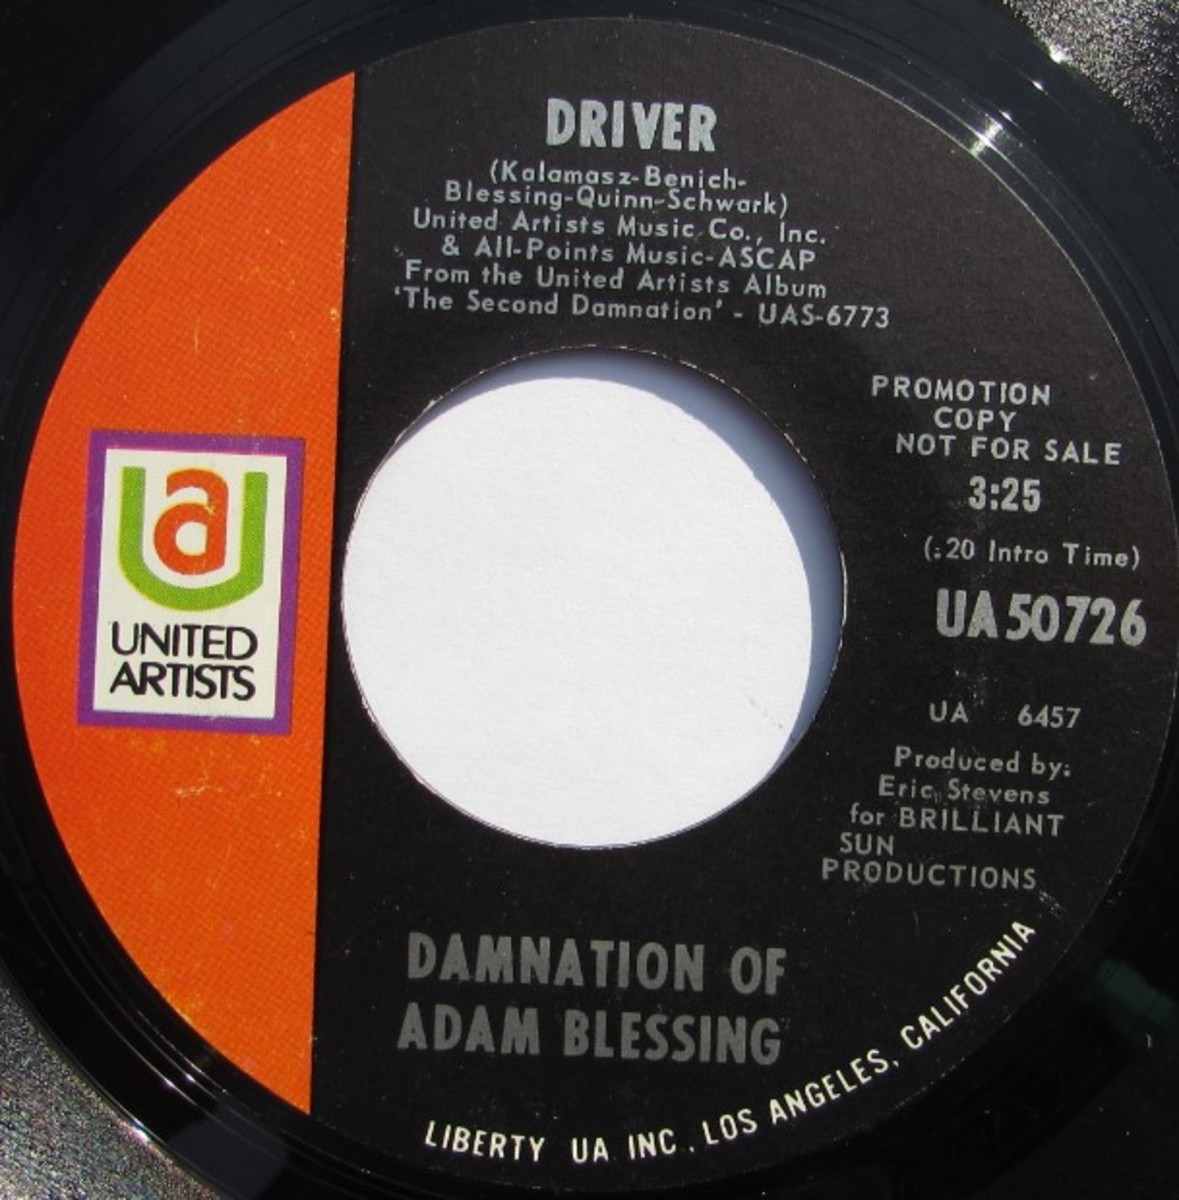 Damnation flip side